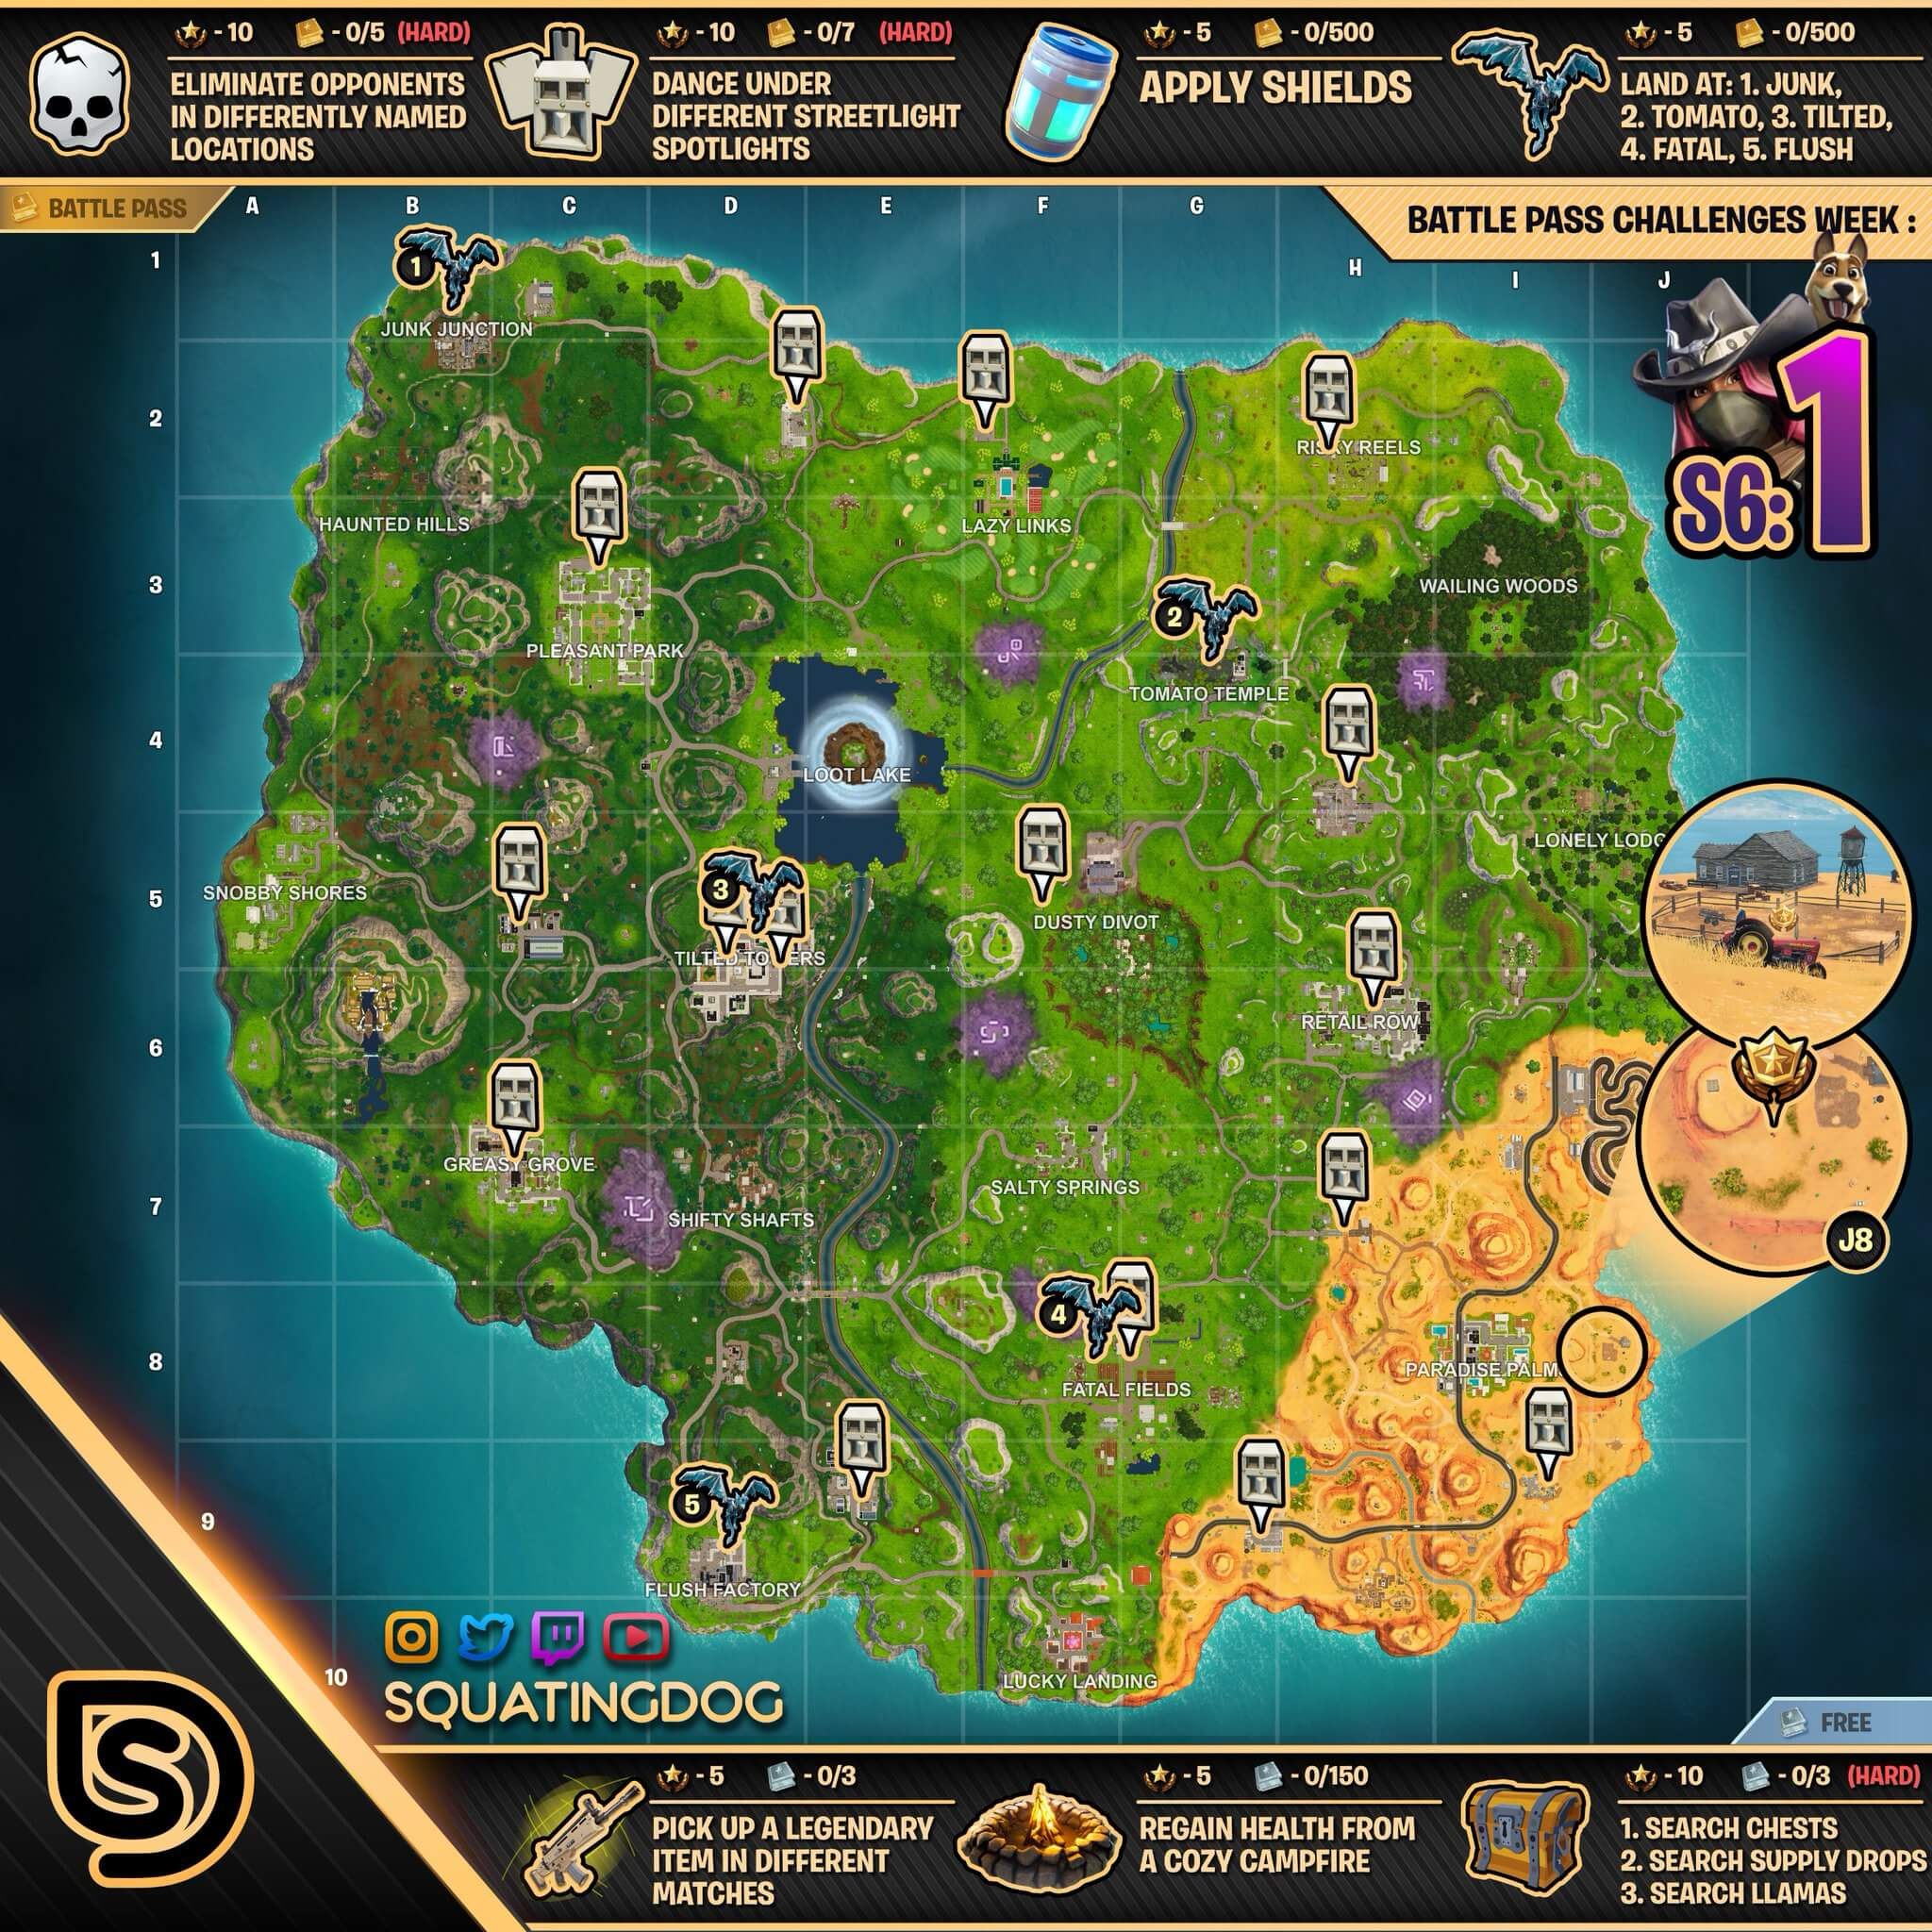 fortnite season 6 week 1 challenges - fortnite week 8 challenges season 6 cheat sheet